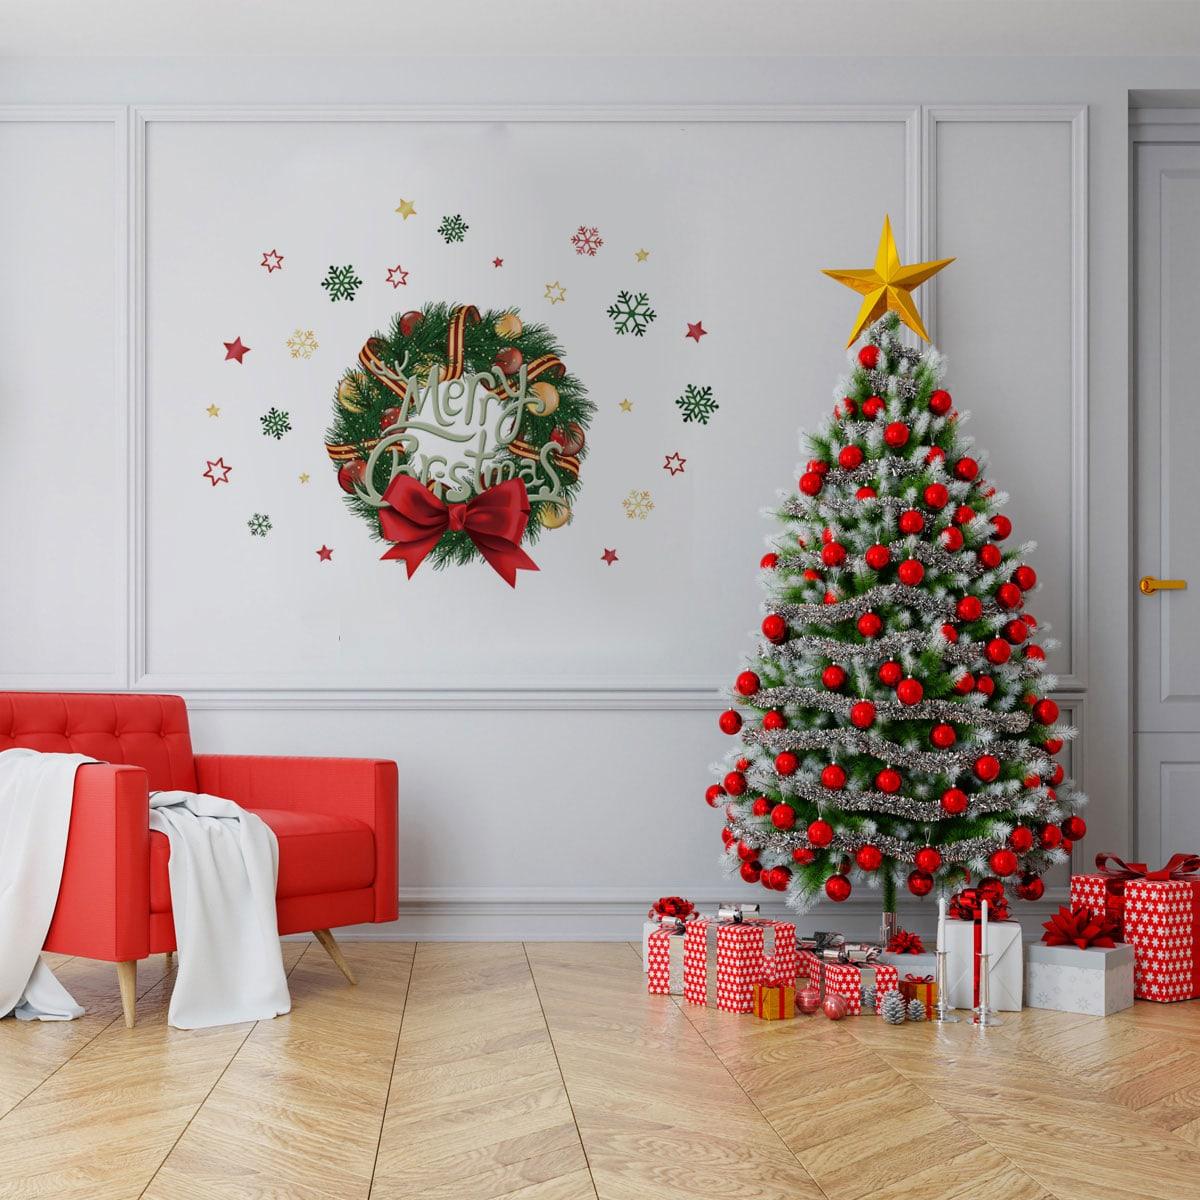 SHEIN / Wandaufkleber mit Weihnachten Kranz Muster